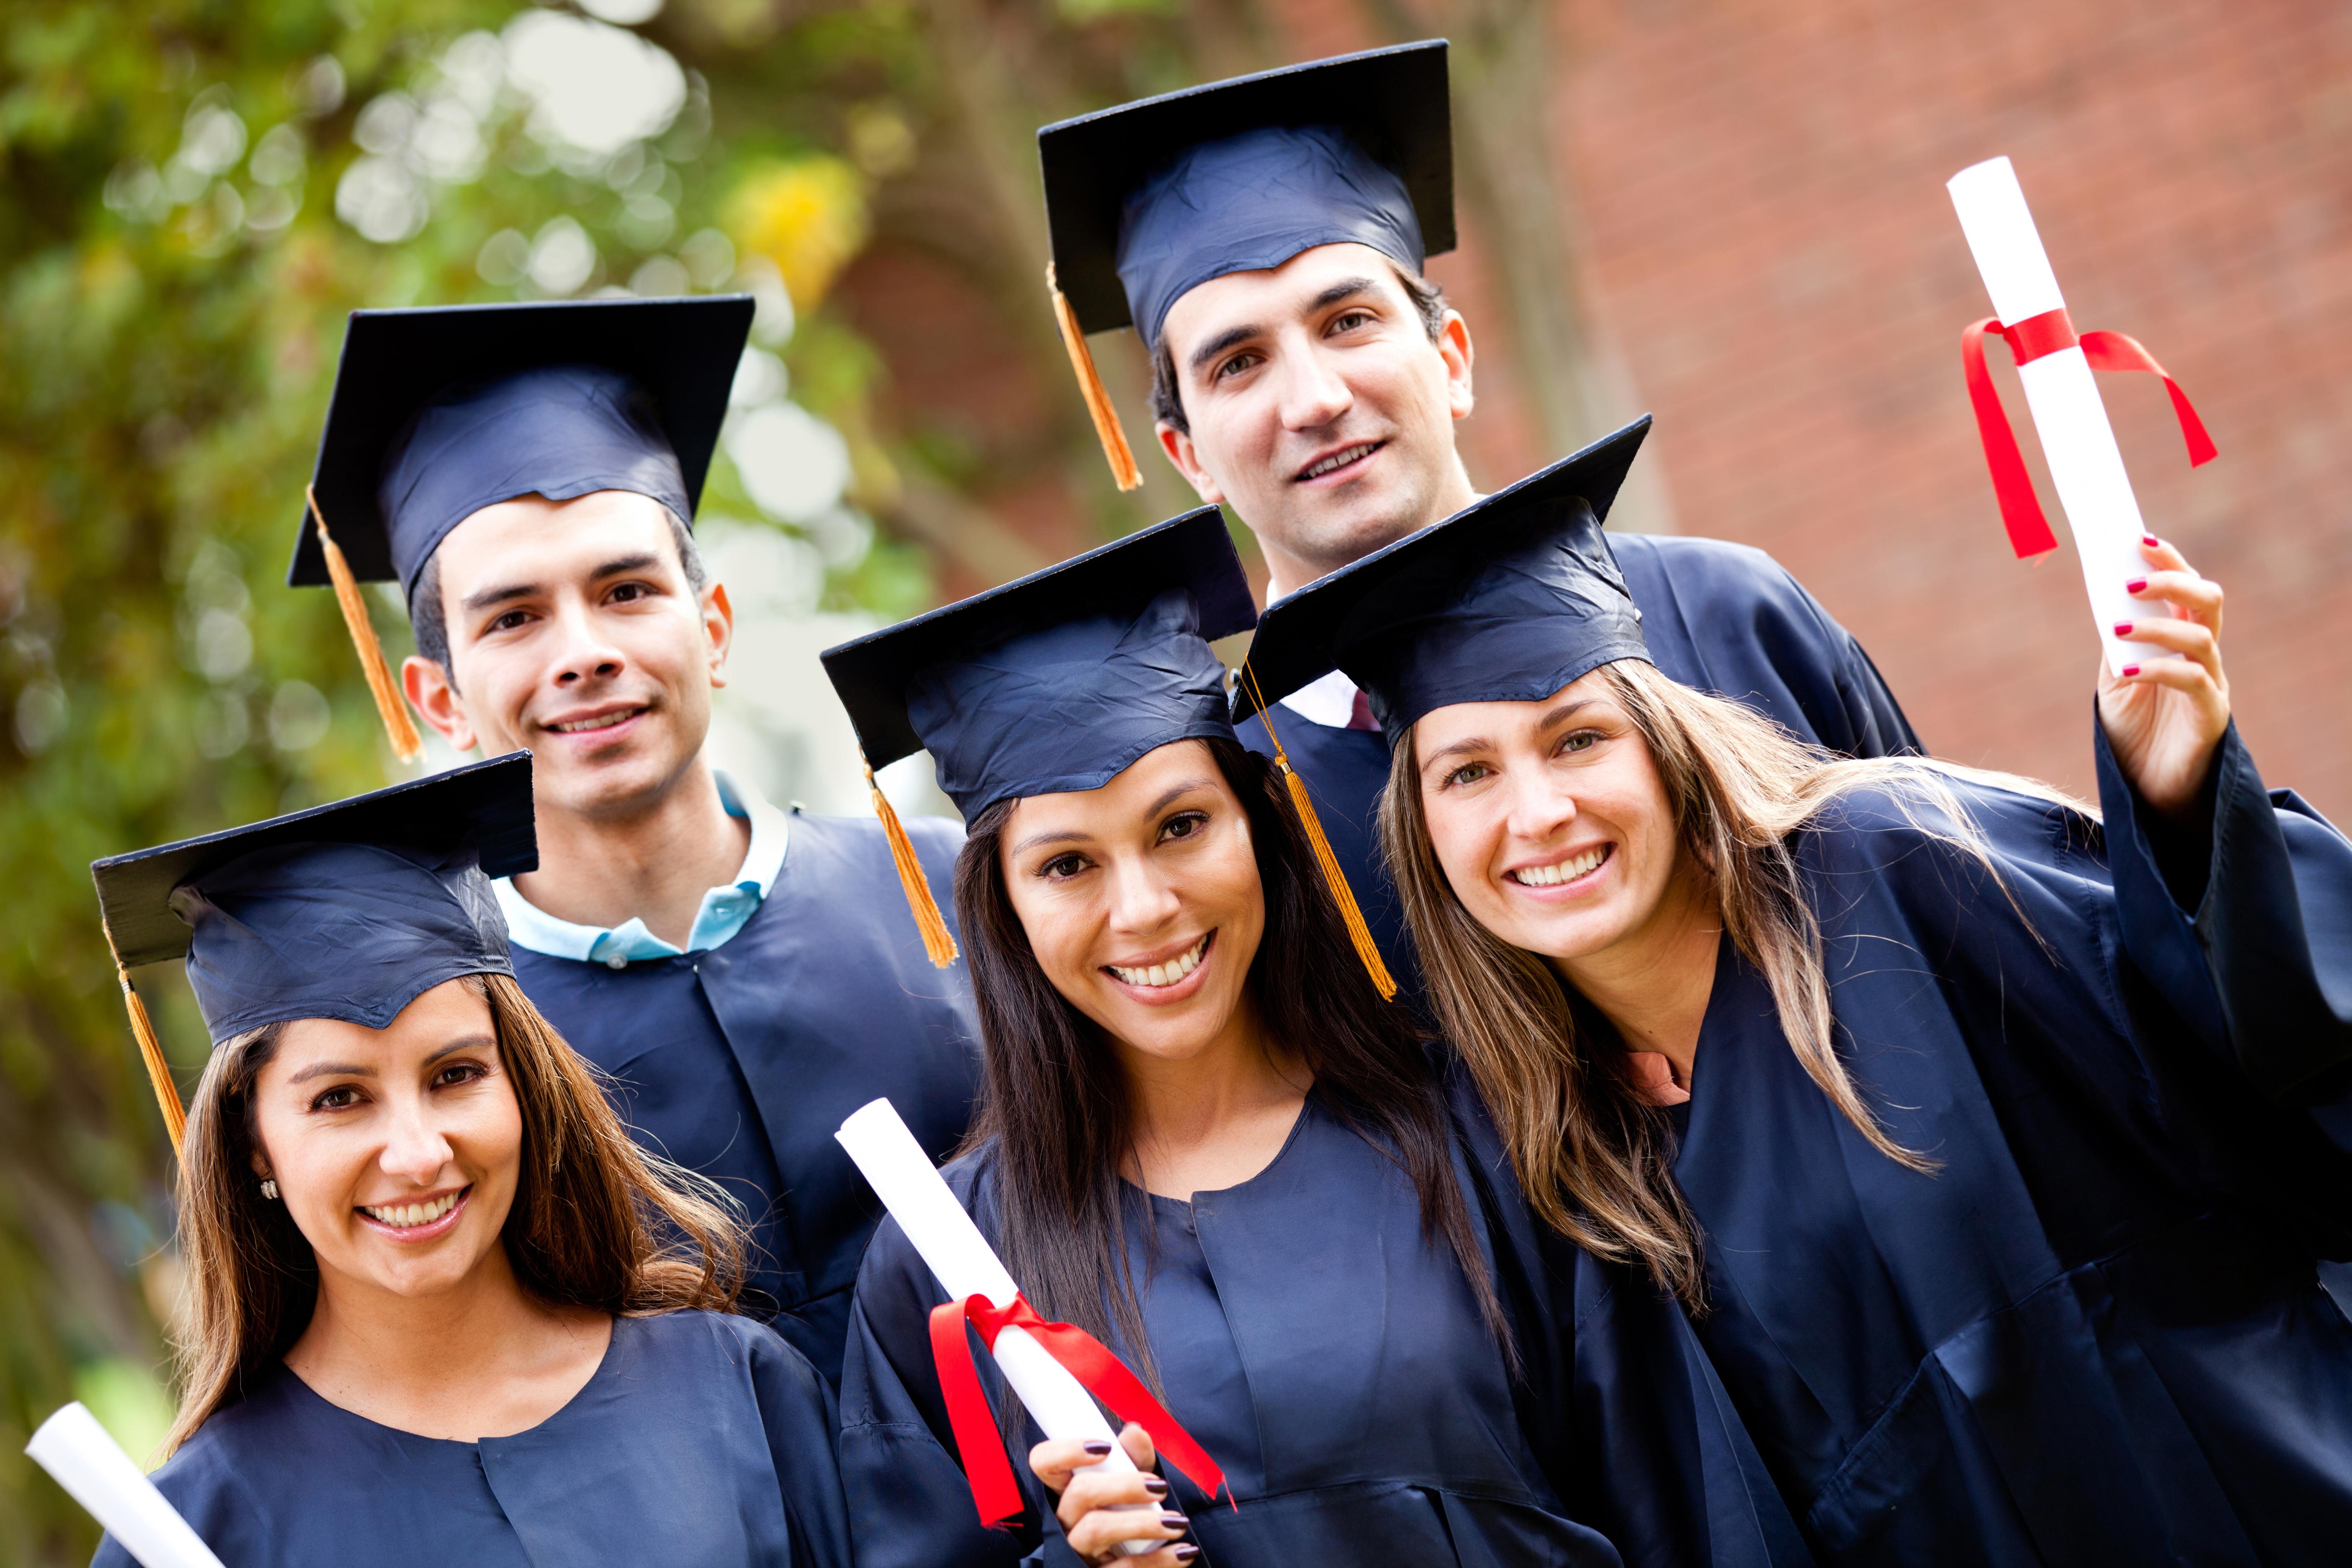 Autoritățile vor să crească numărul de absolvenți cu studii superioare